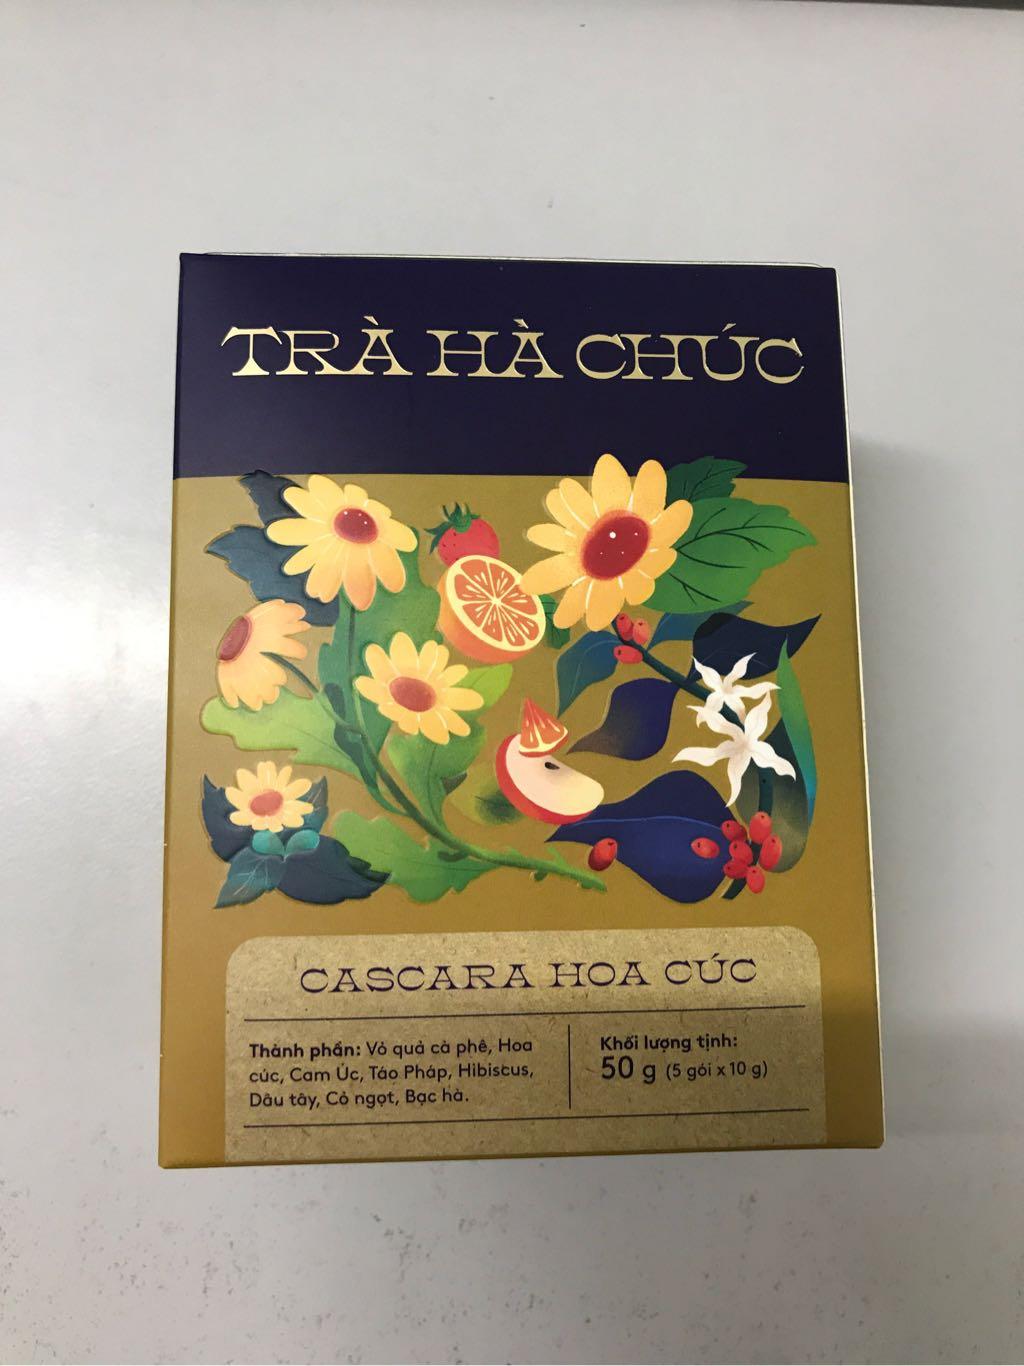 Trà Hà Chúc Cascara hoa cúc 50g